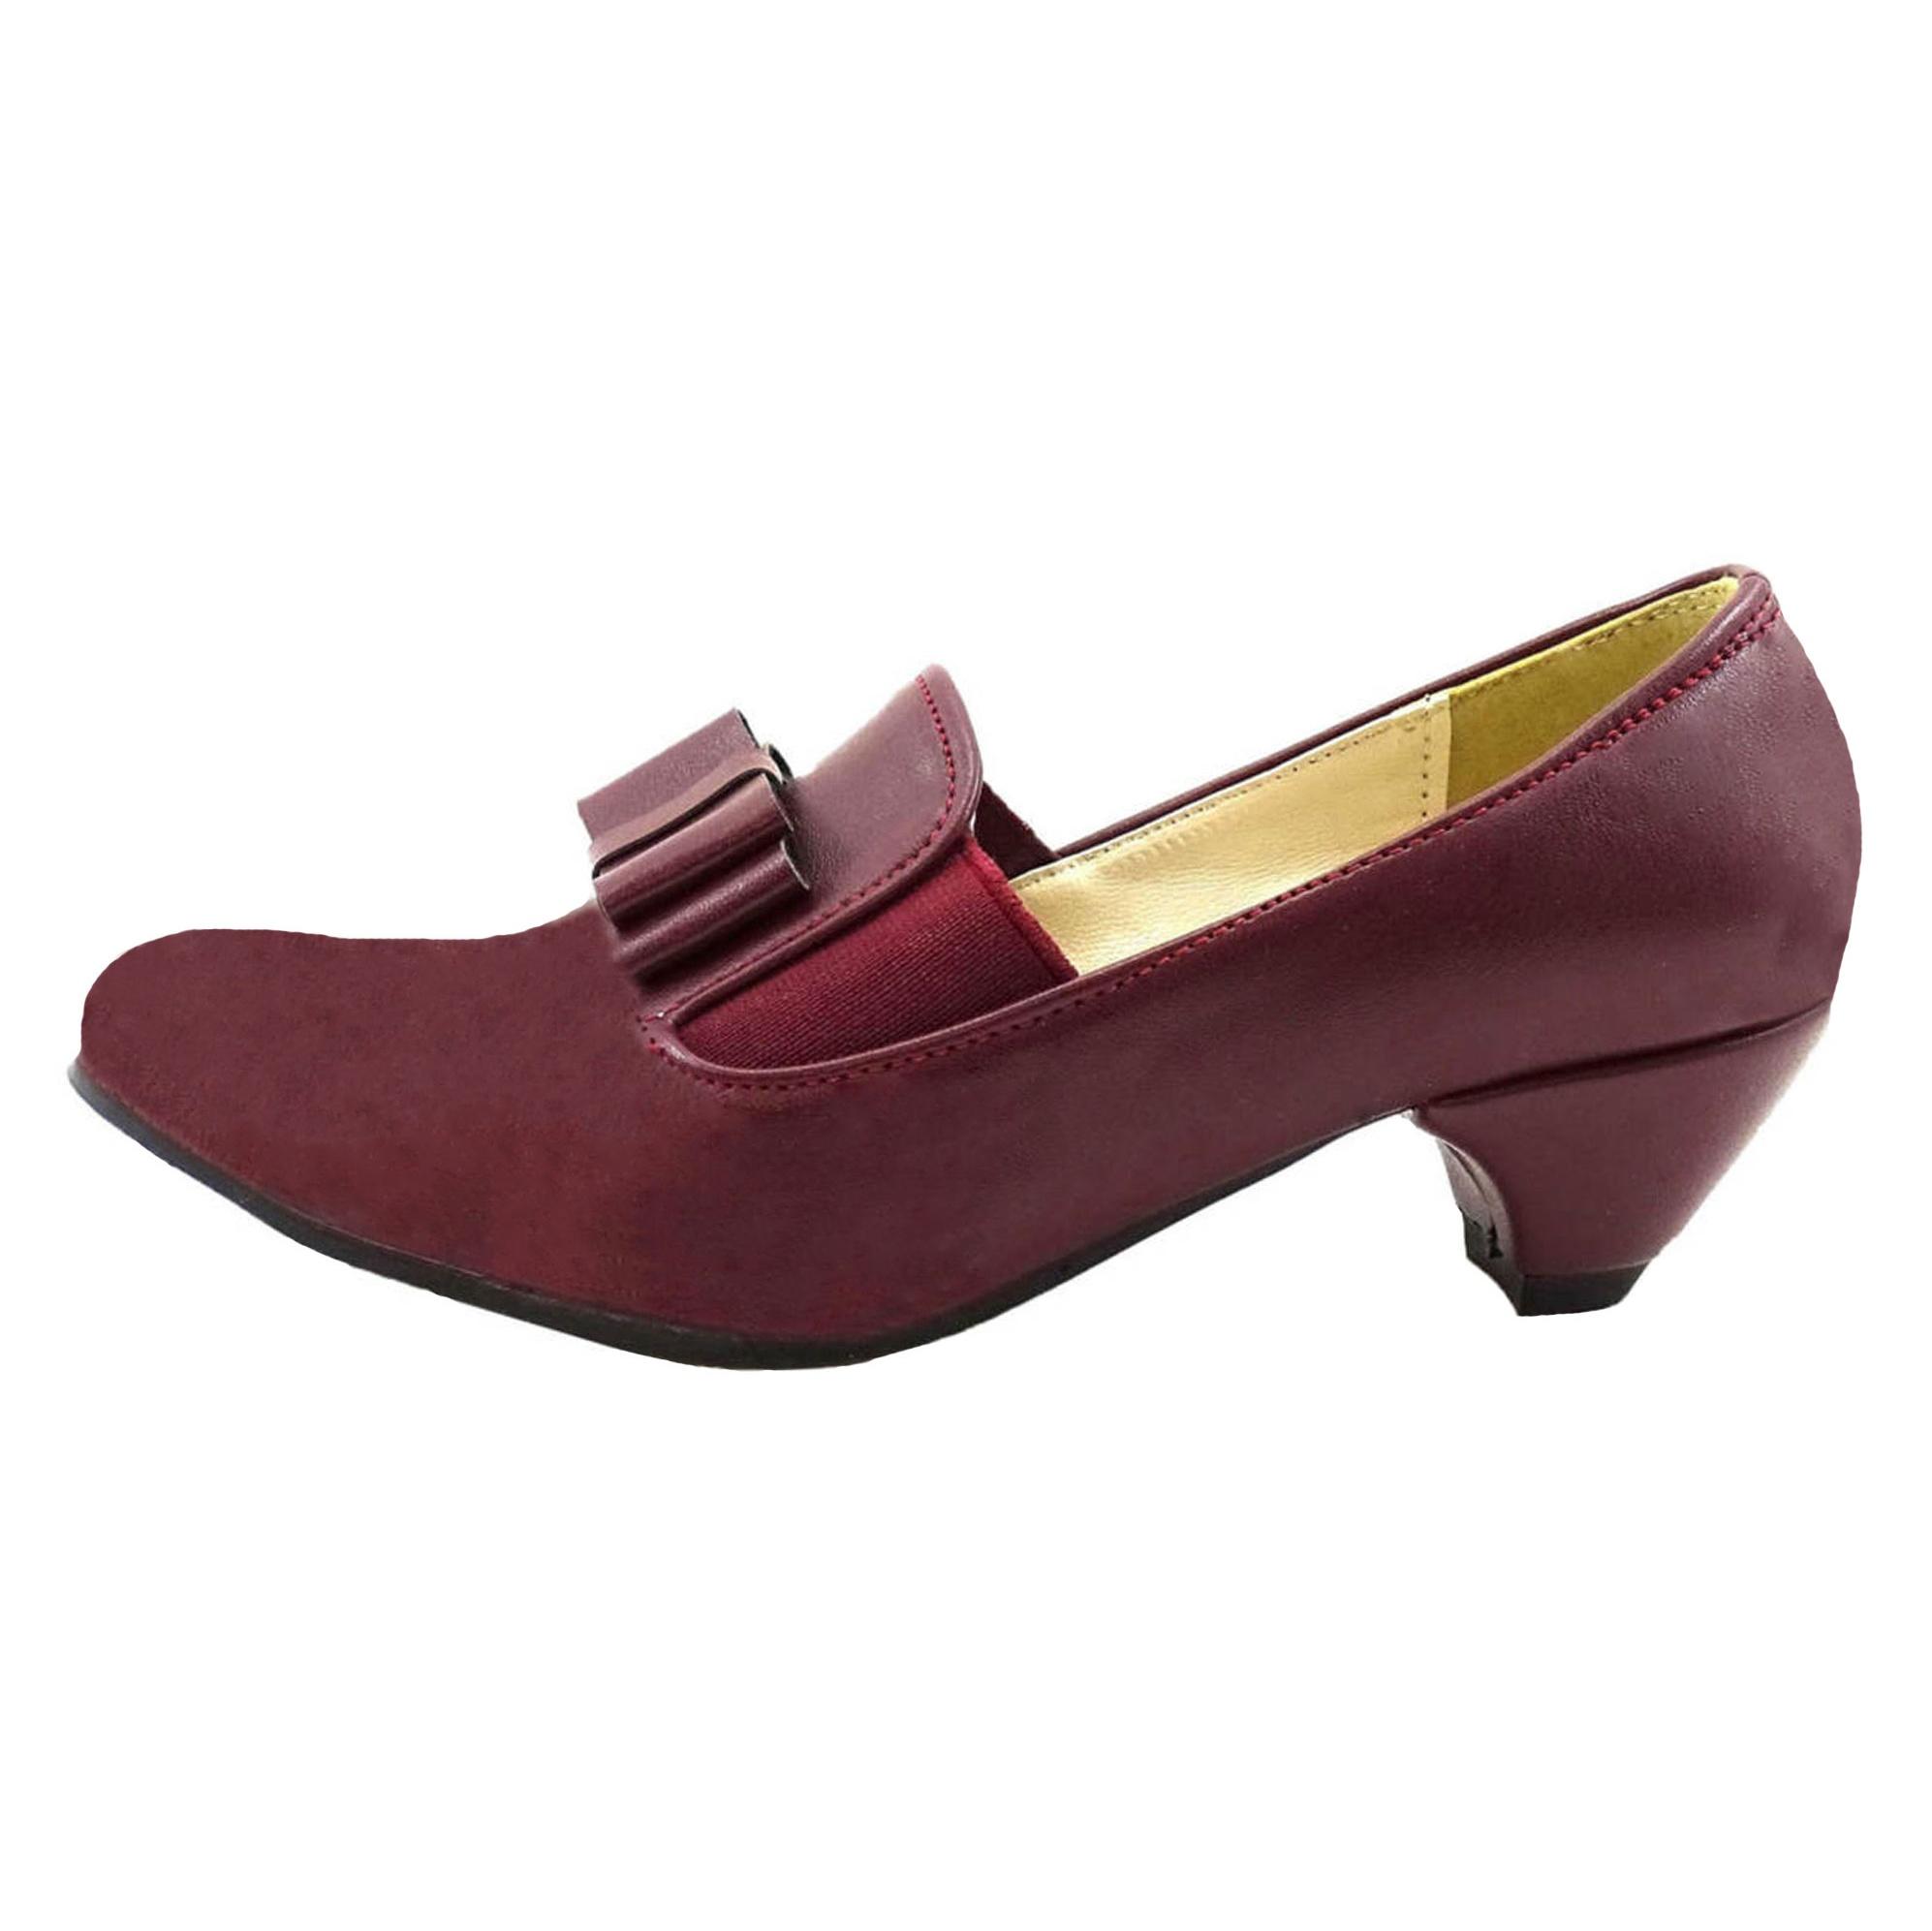 کفش دخترانه آذاردو مدل B02023